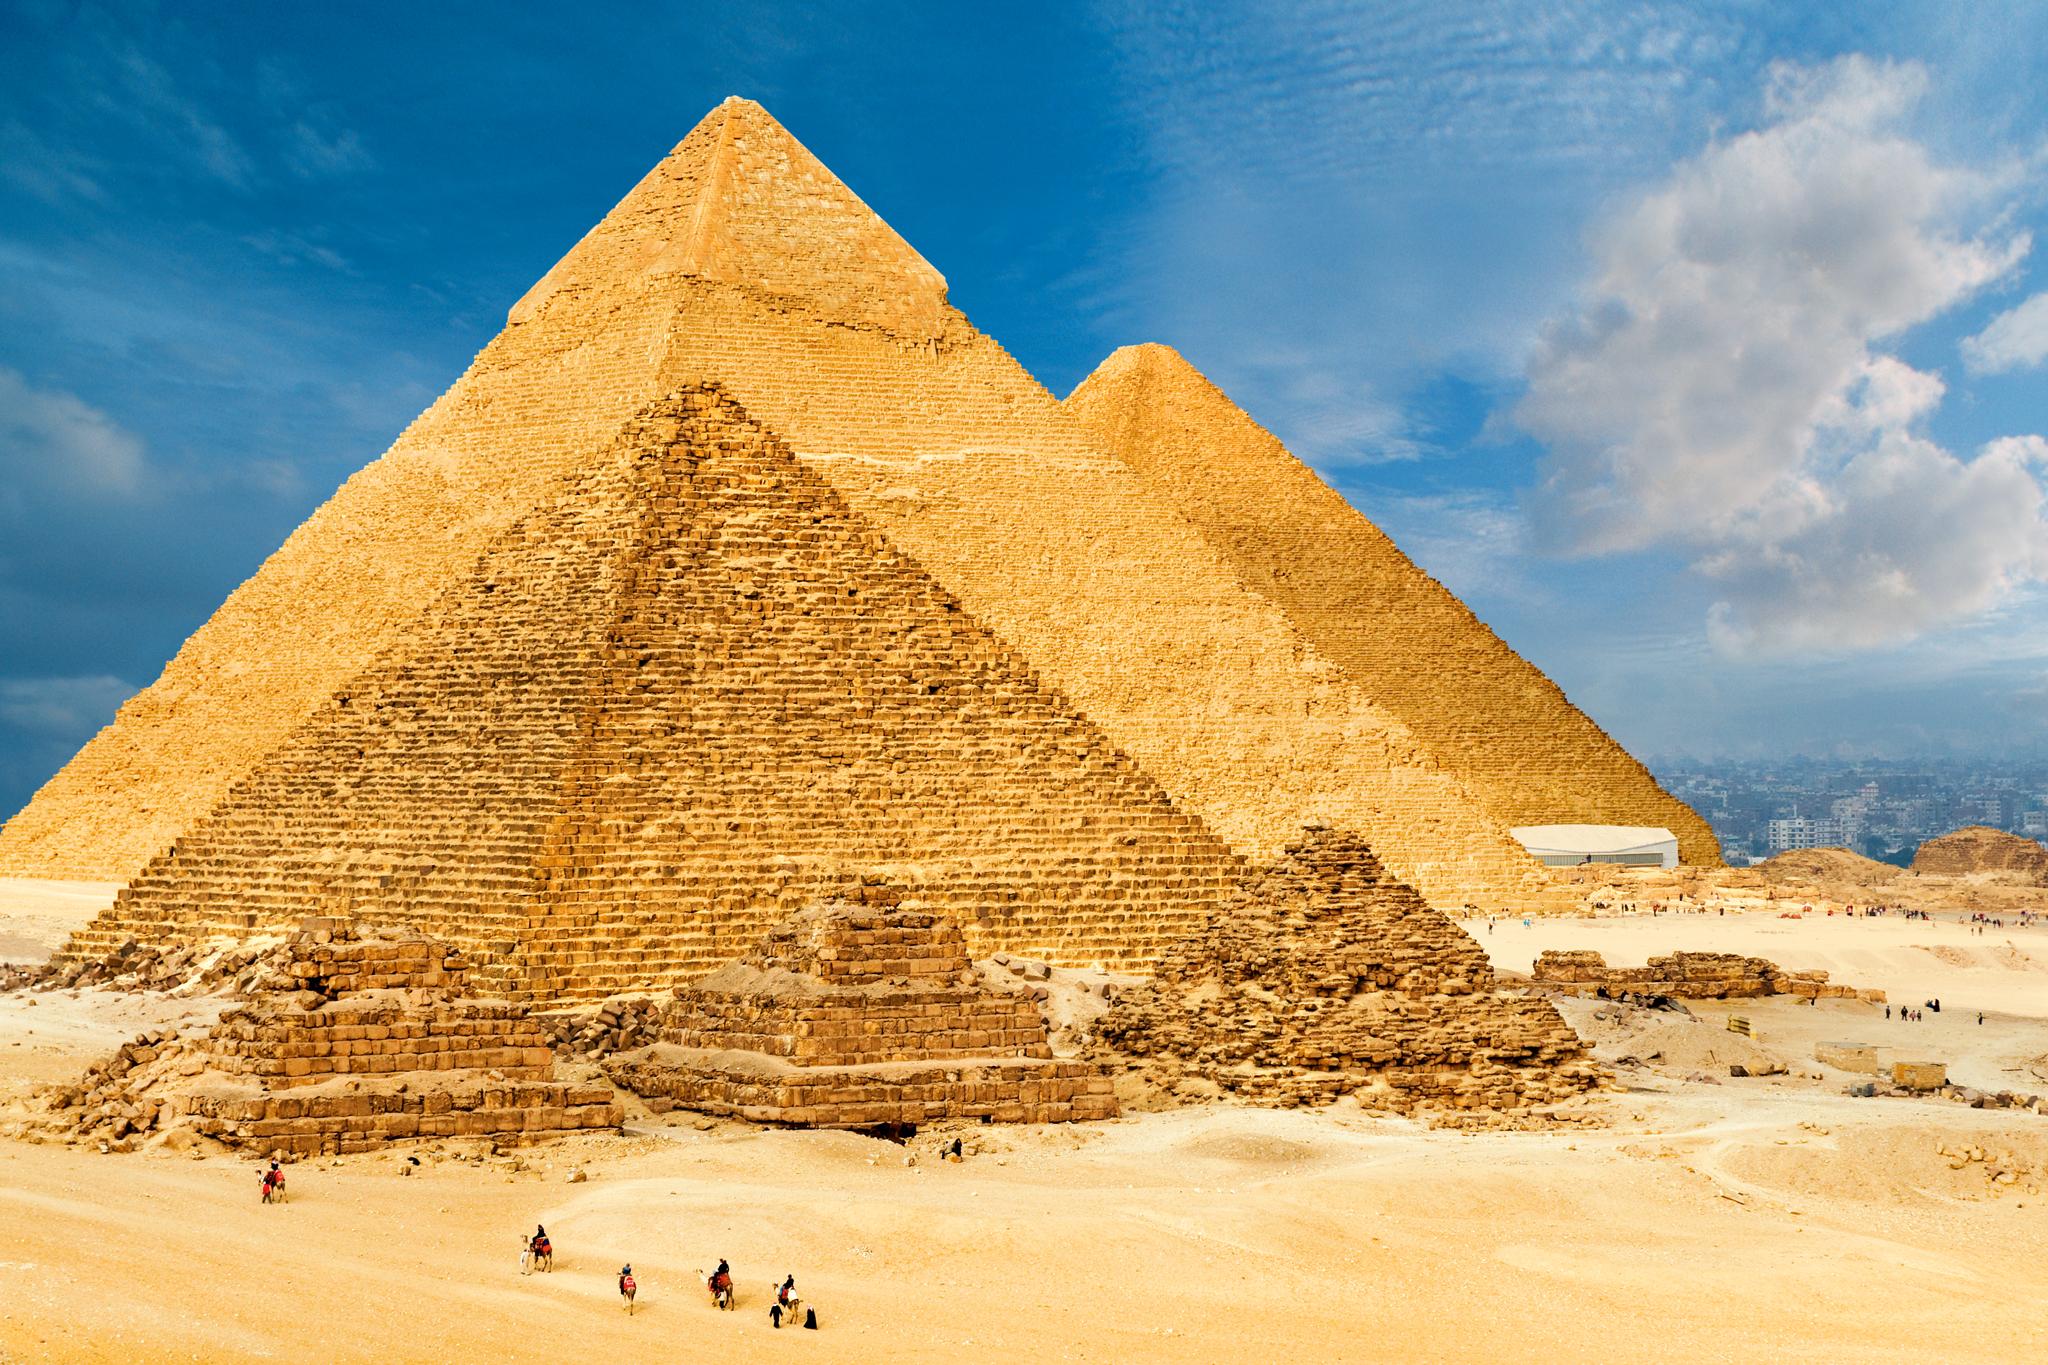 Drawn pyramid pyramid giza Pyramids Great Standing  Tall: